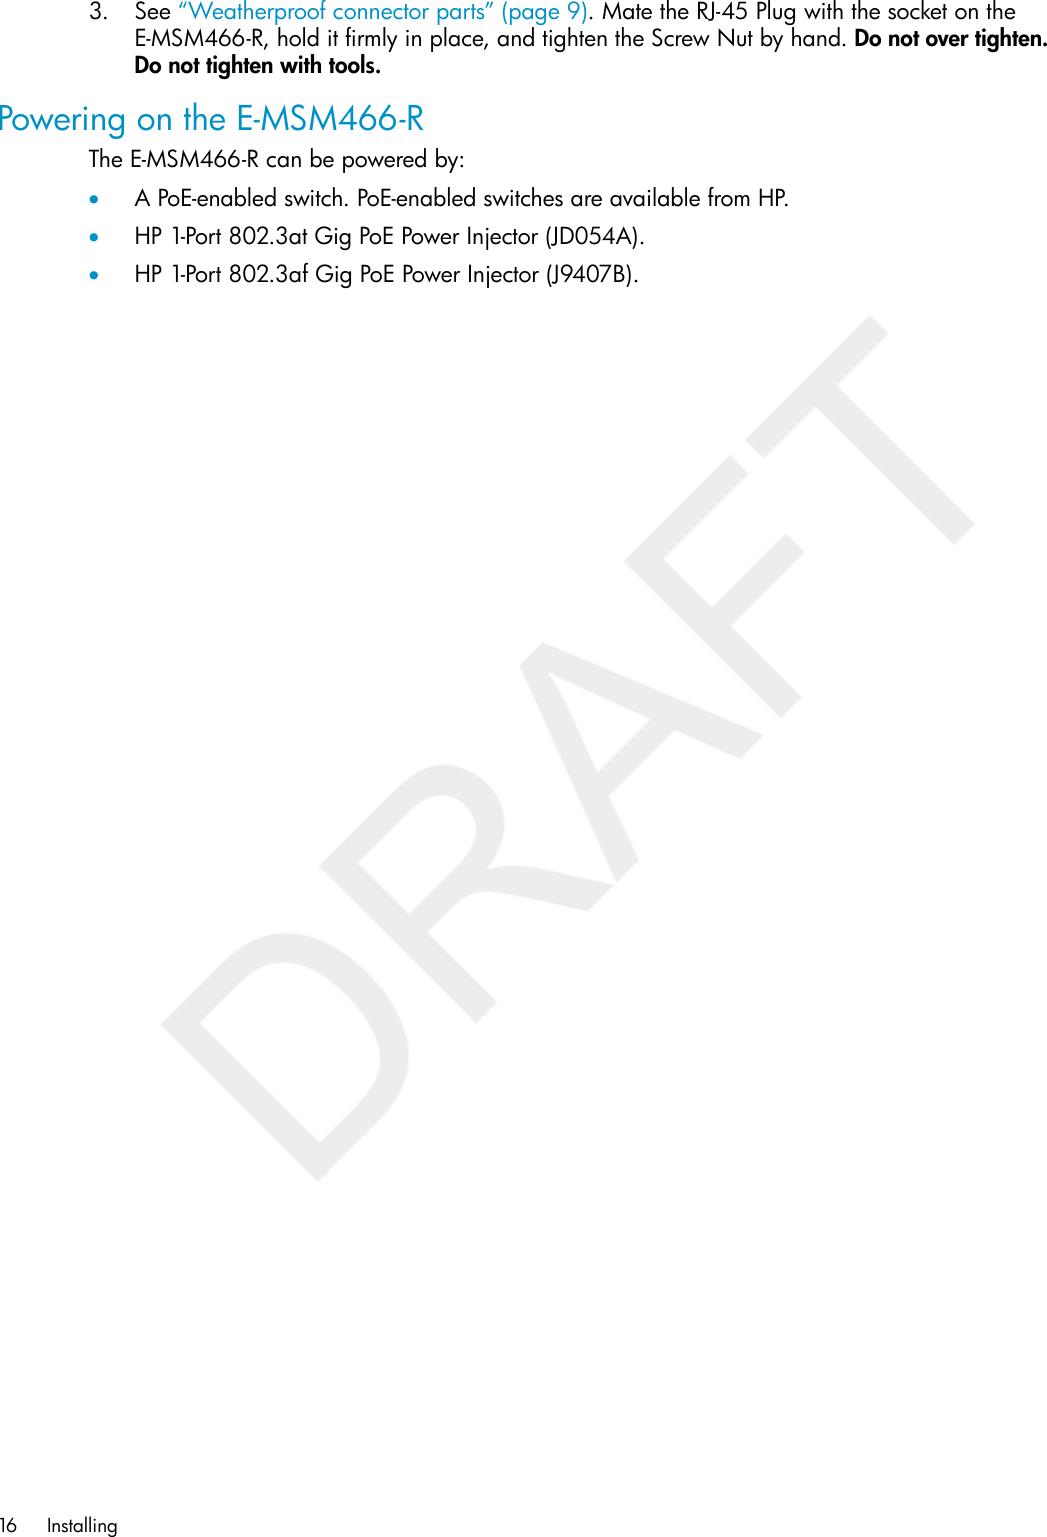 Hewlett Packard Enterprise MRLBB1003 WLAN 802.11a/b/g/n